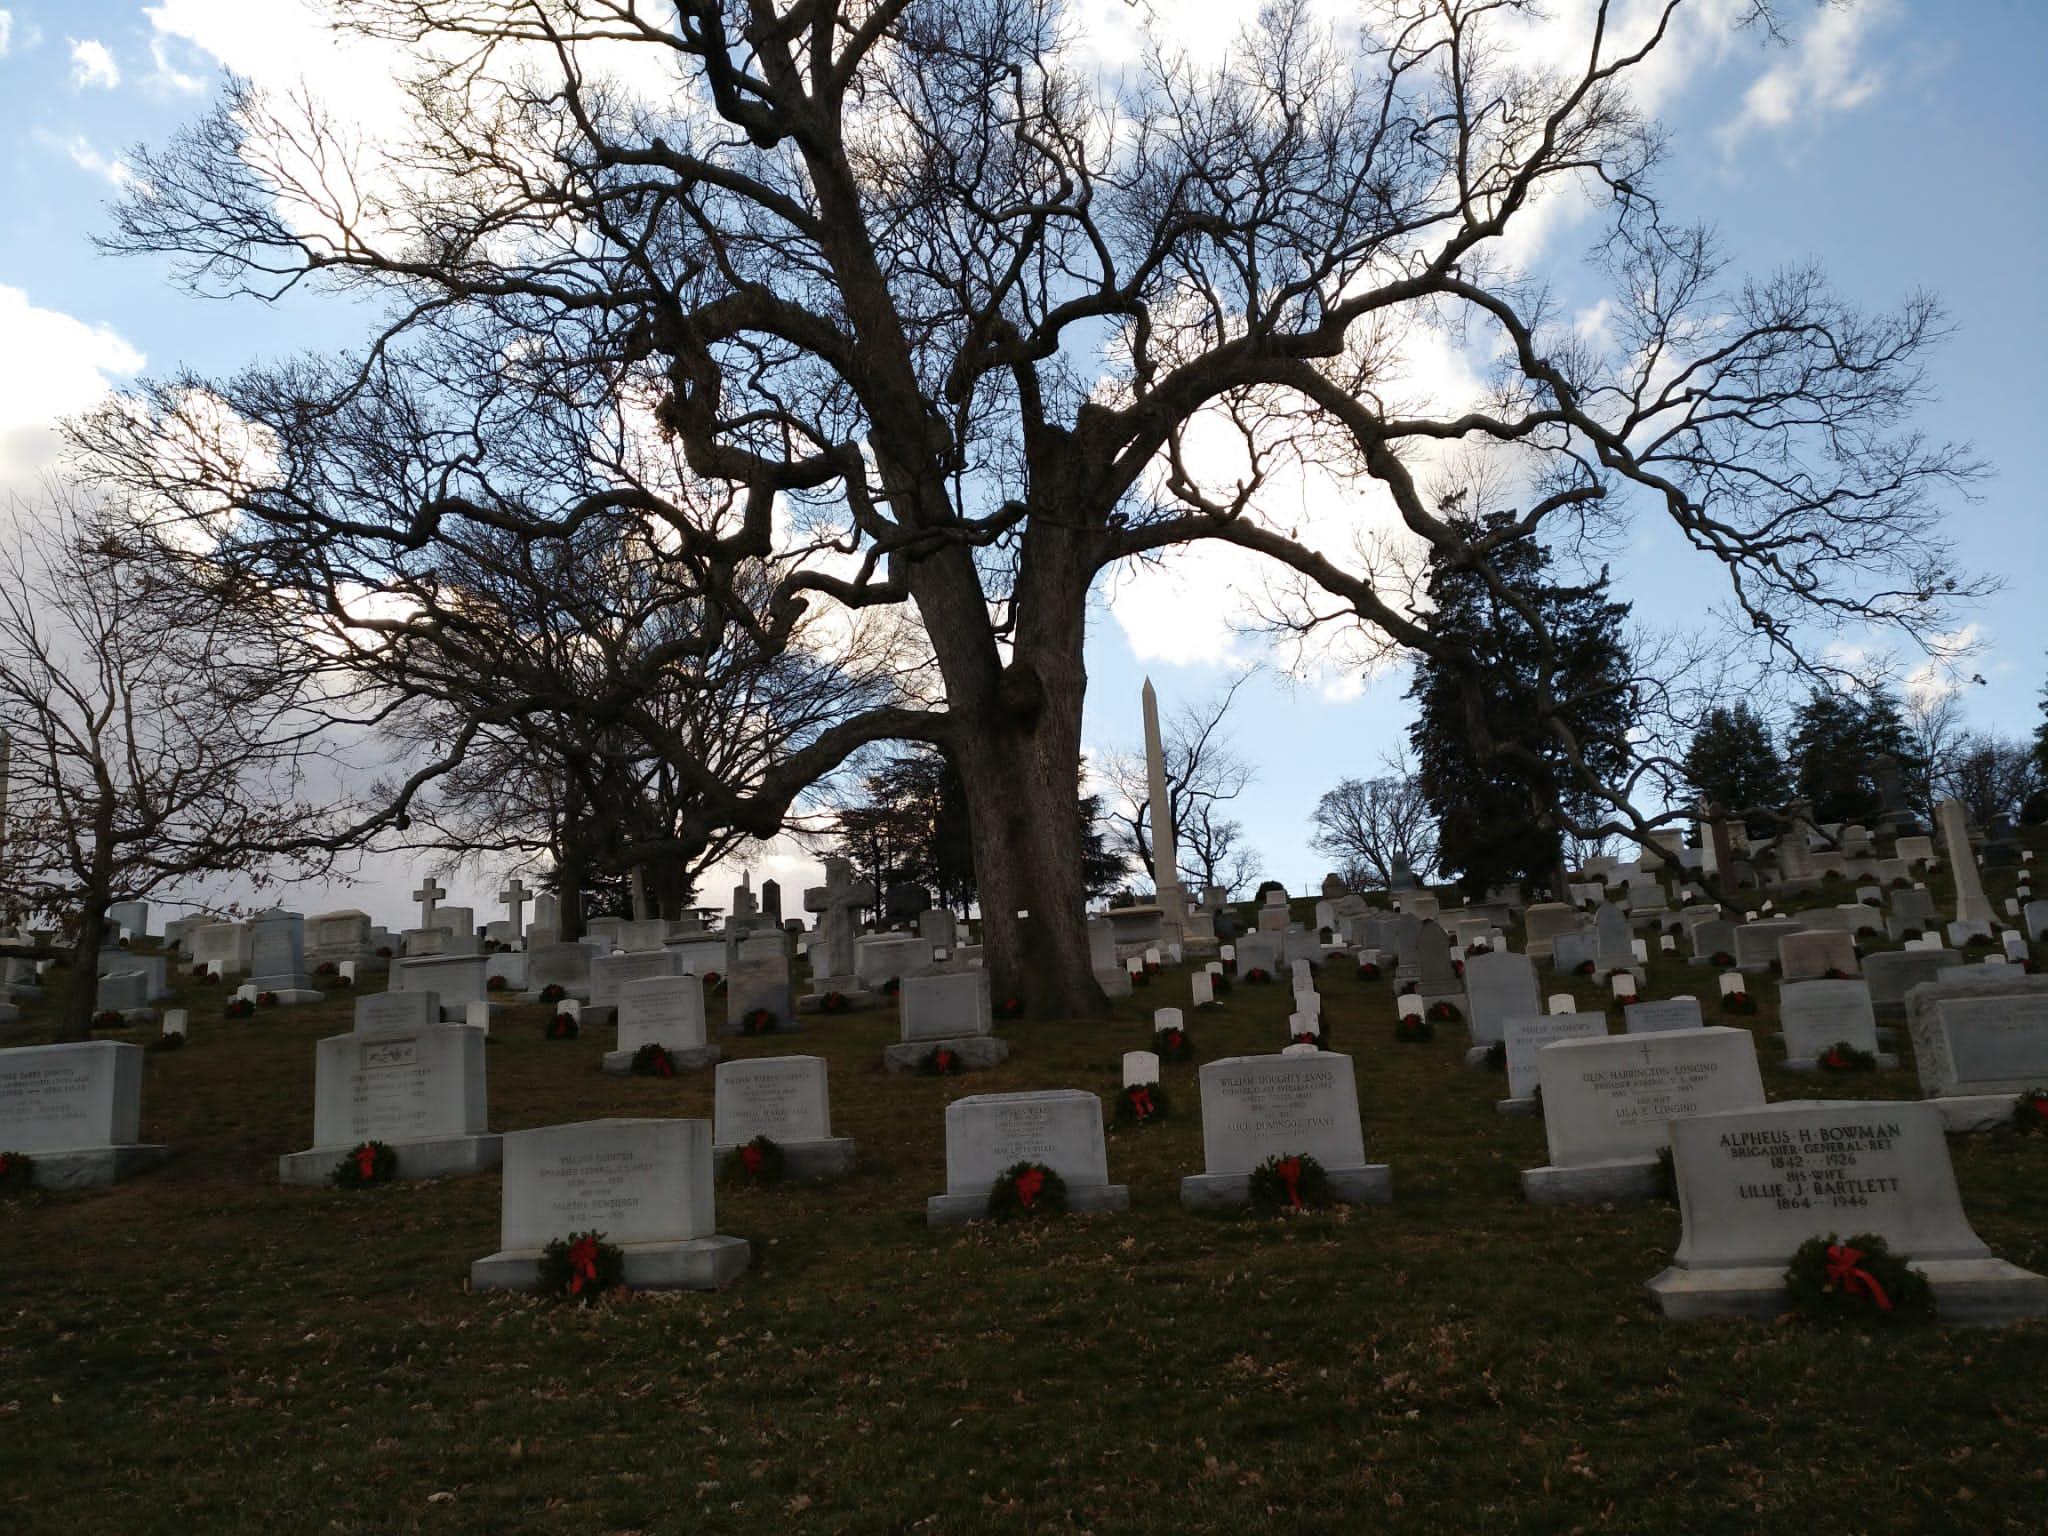 arlington - cementerio - tumbas - arbol